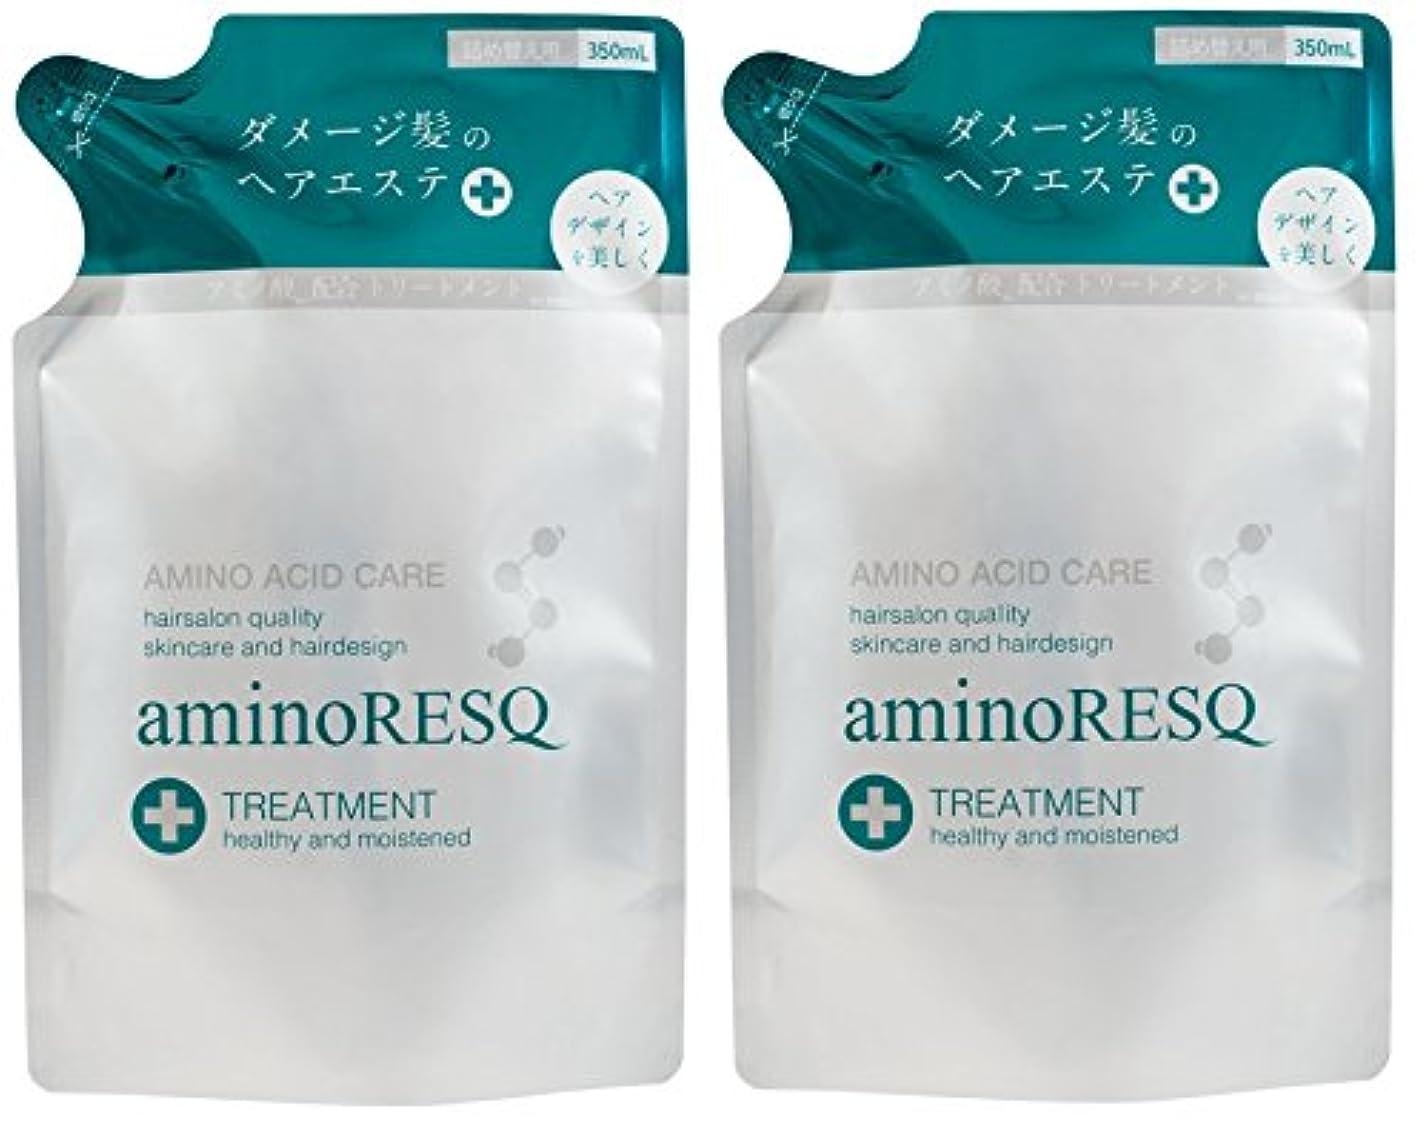 交換可能メルボルン勘違いする【2個セット】aminoRESQ アミノレスキュー トリートメント詰替